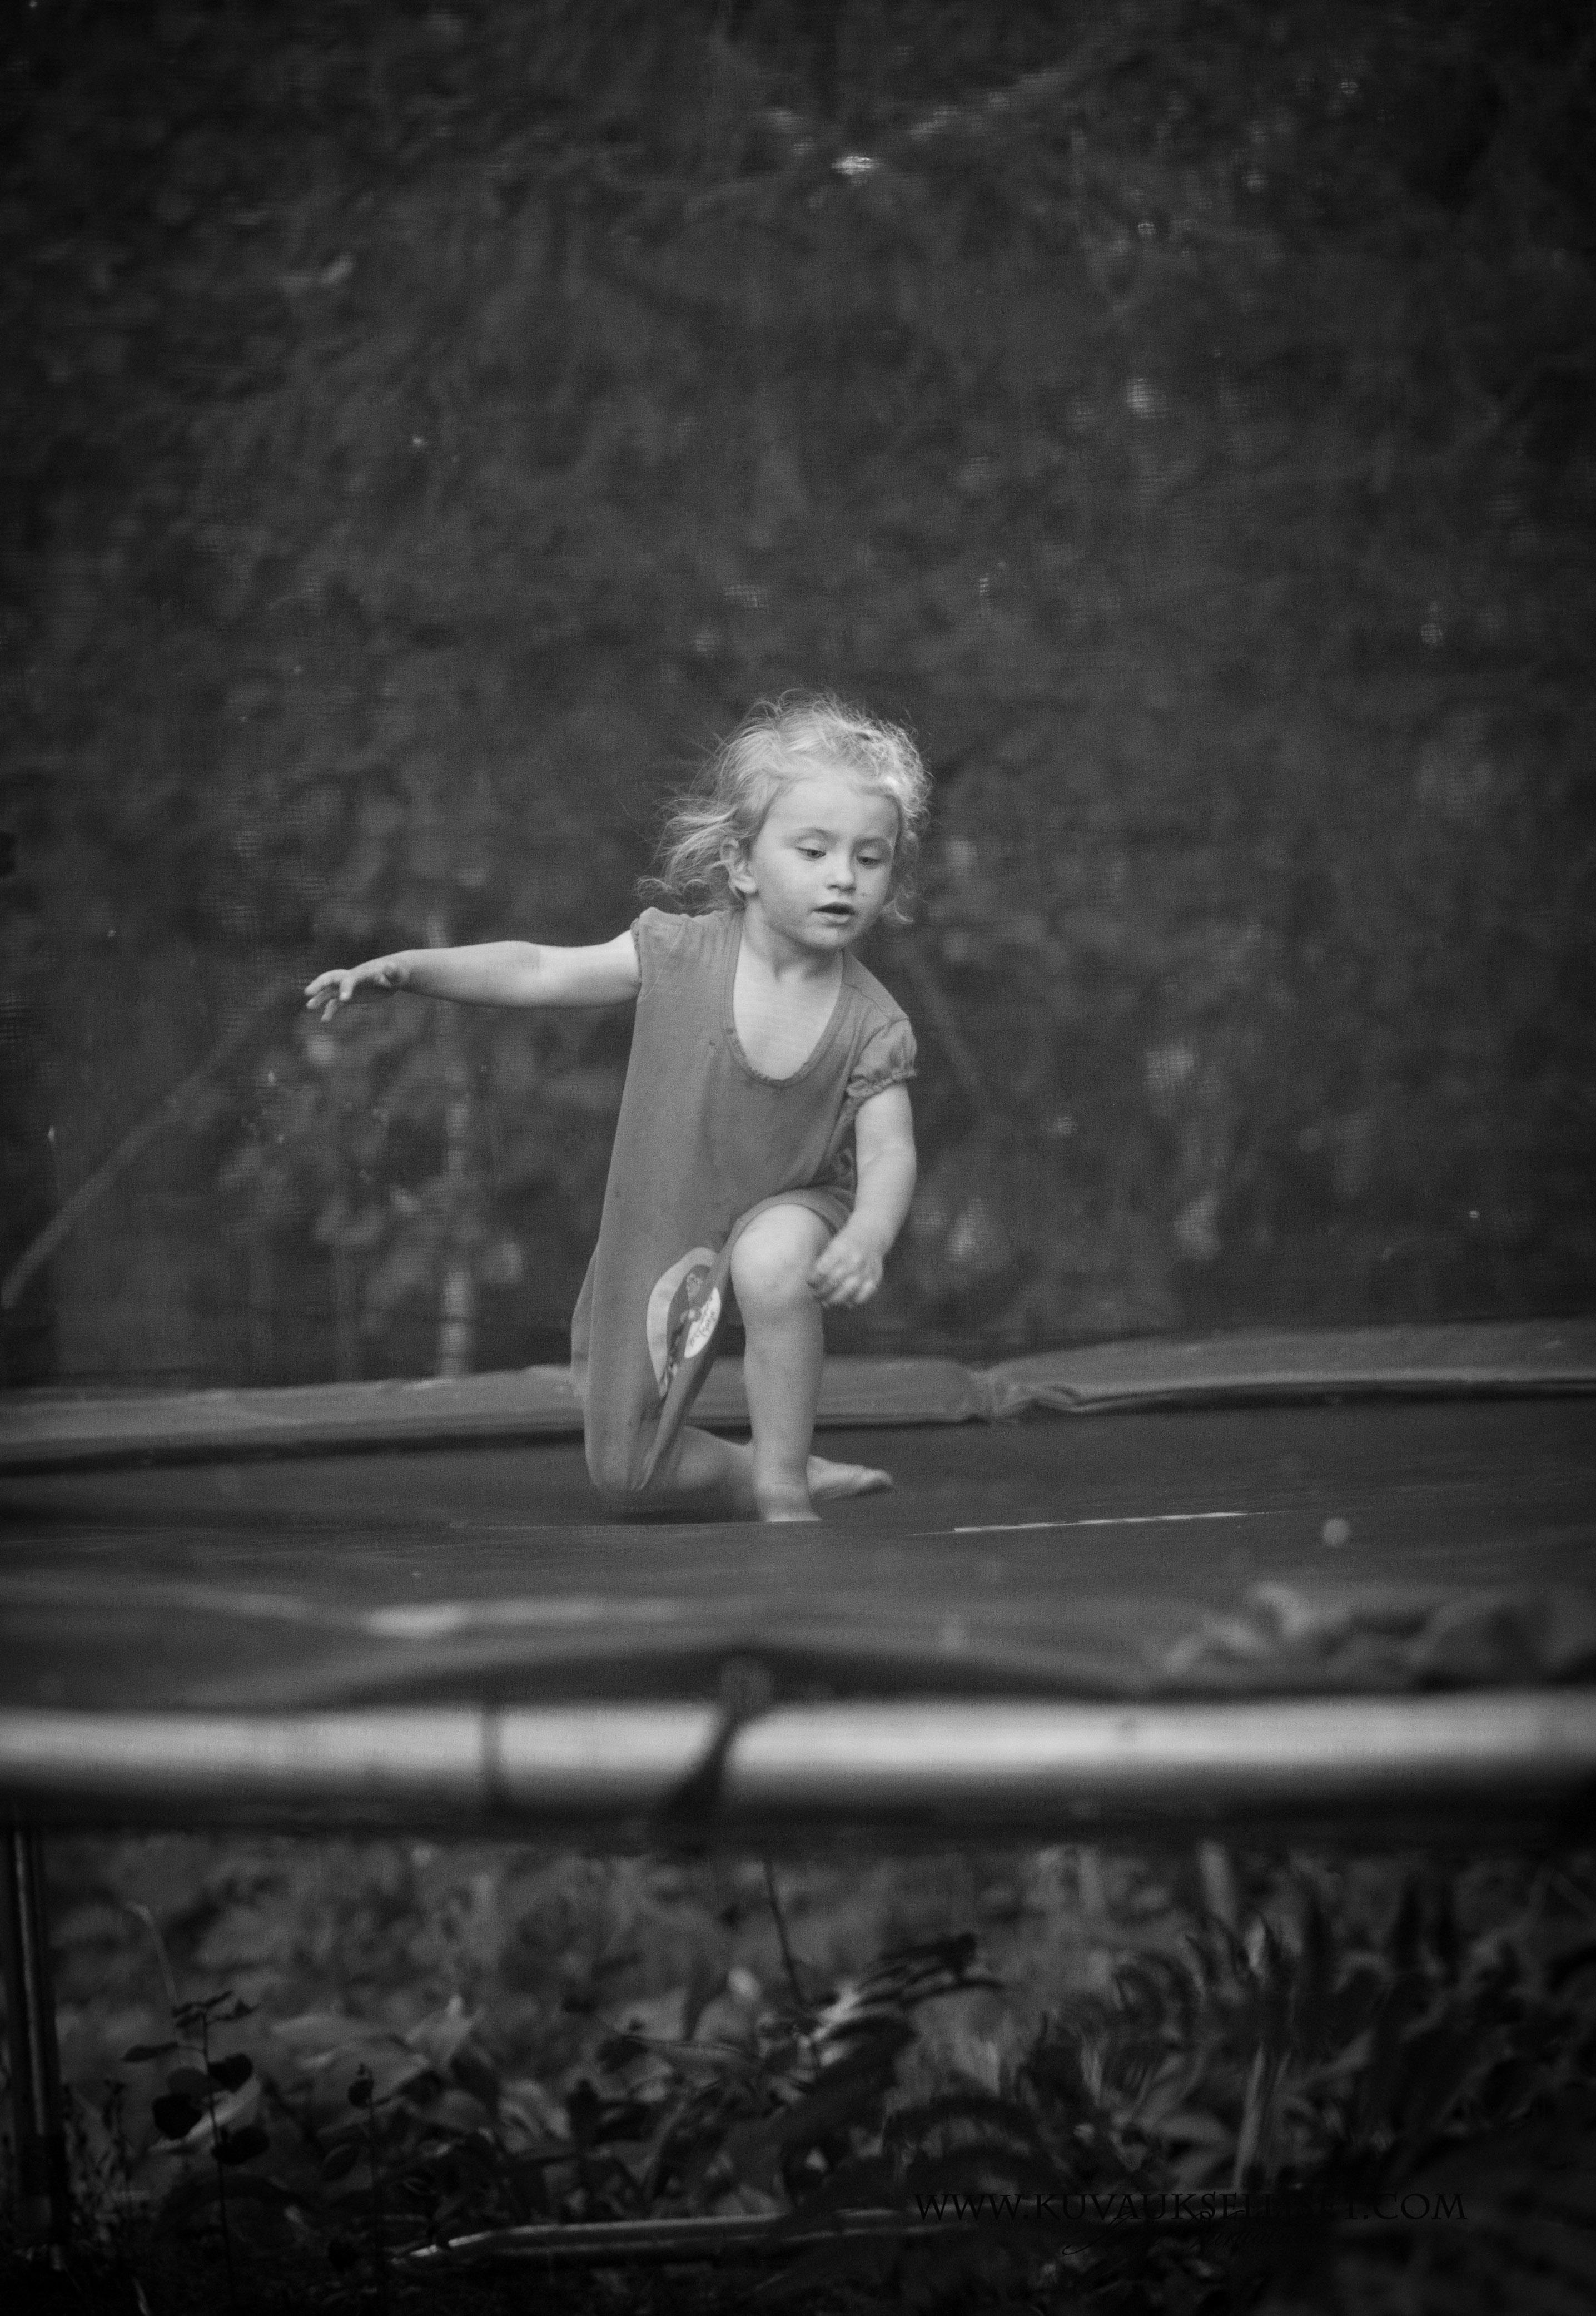 2014.7.30 lapsikuvaus miljöökuvaus sisaruskuvaus perhekuvaus child photo3 (1 of 1)